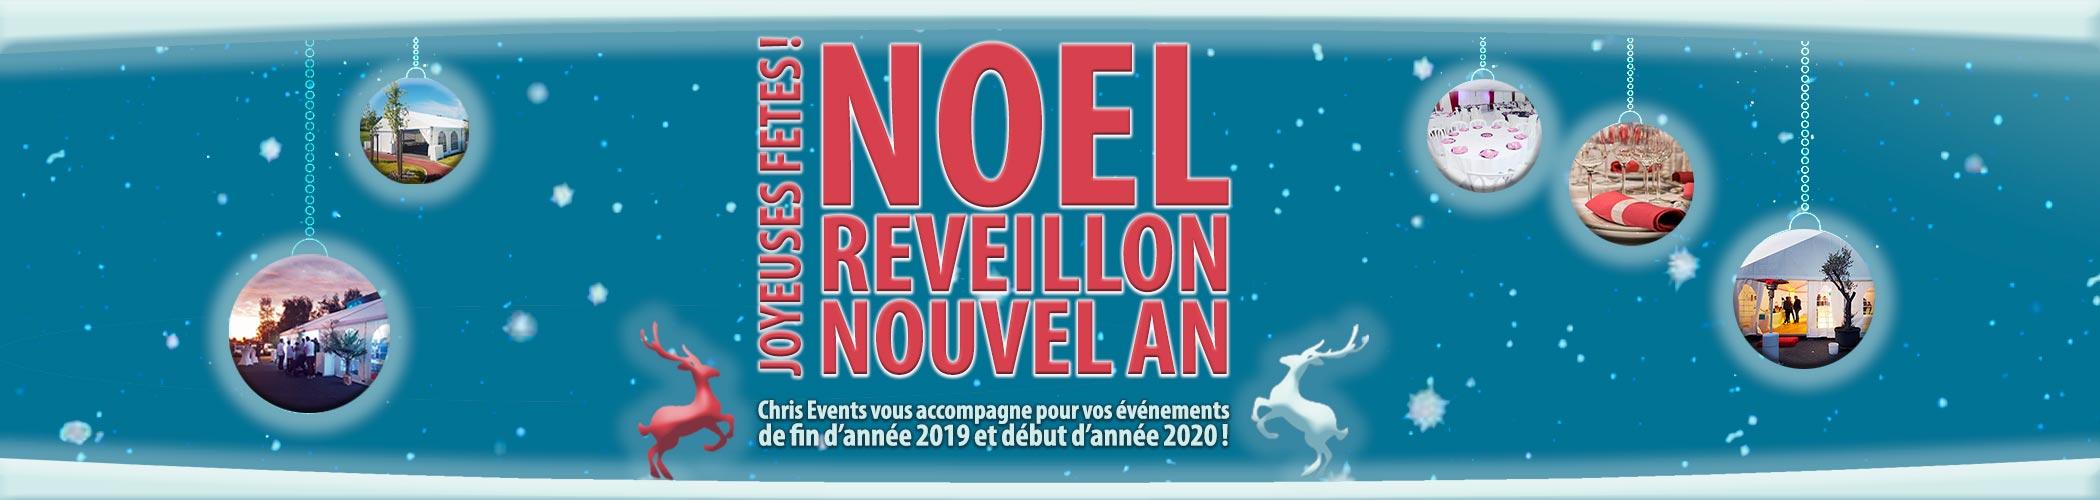 JOYEUSES FÊTES DE FIN D'ANNÉE 2019 ET DE DÉBUT D'ANNÉE 2020 ! !